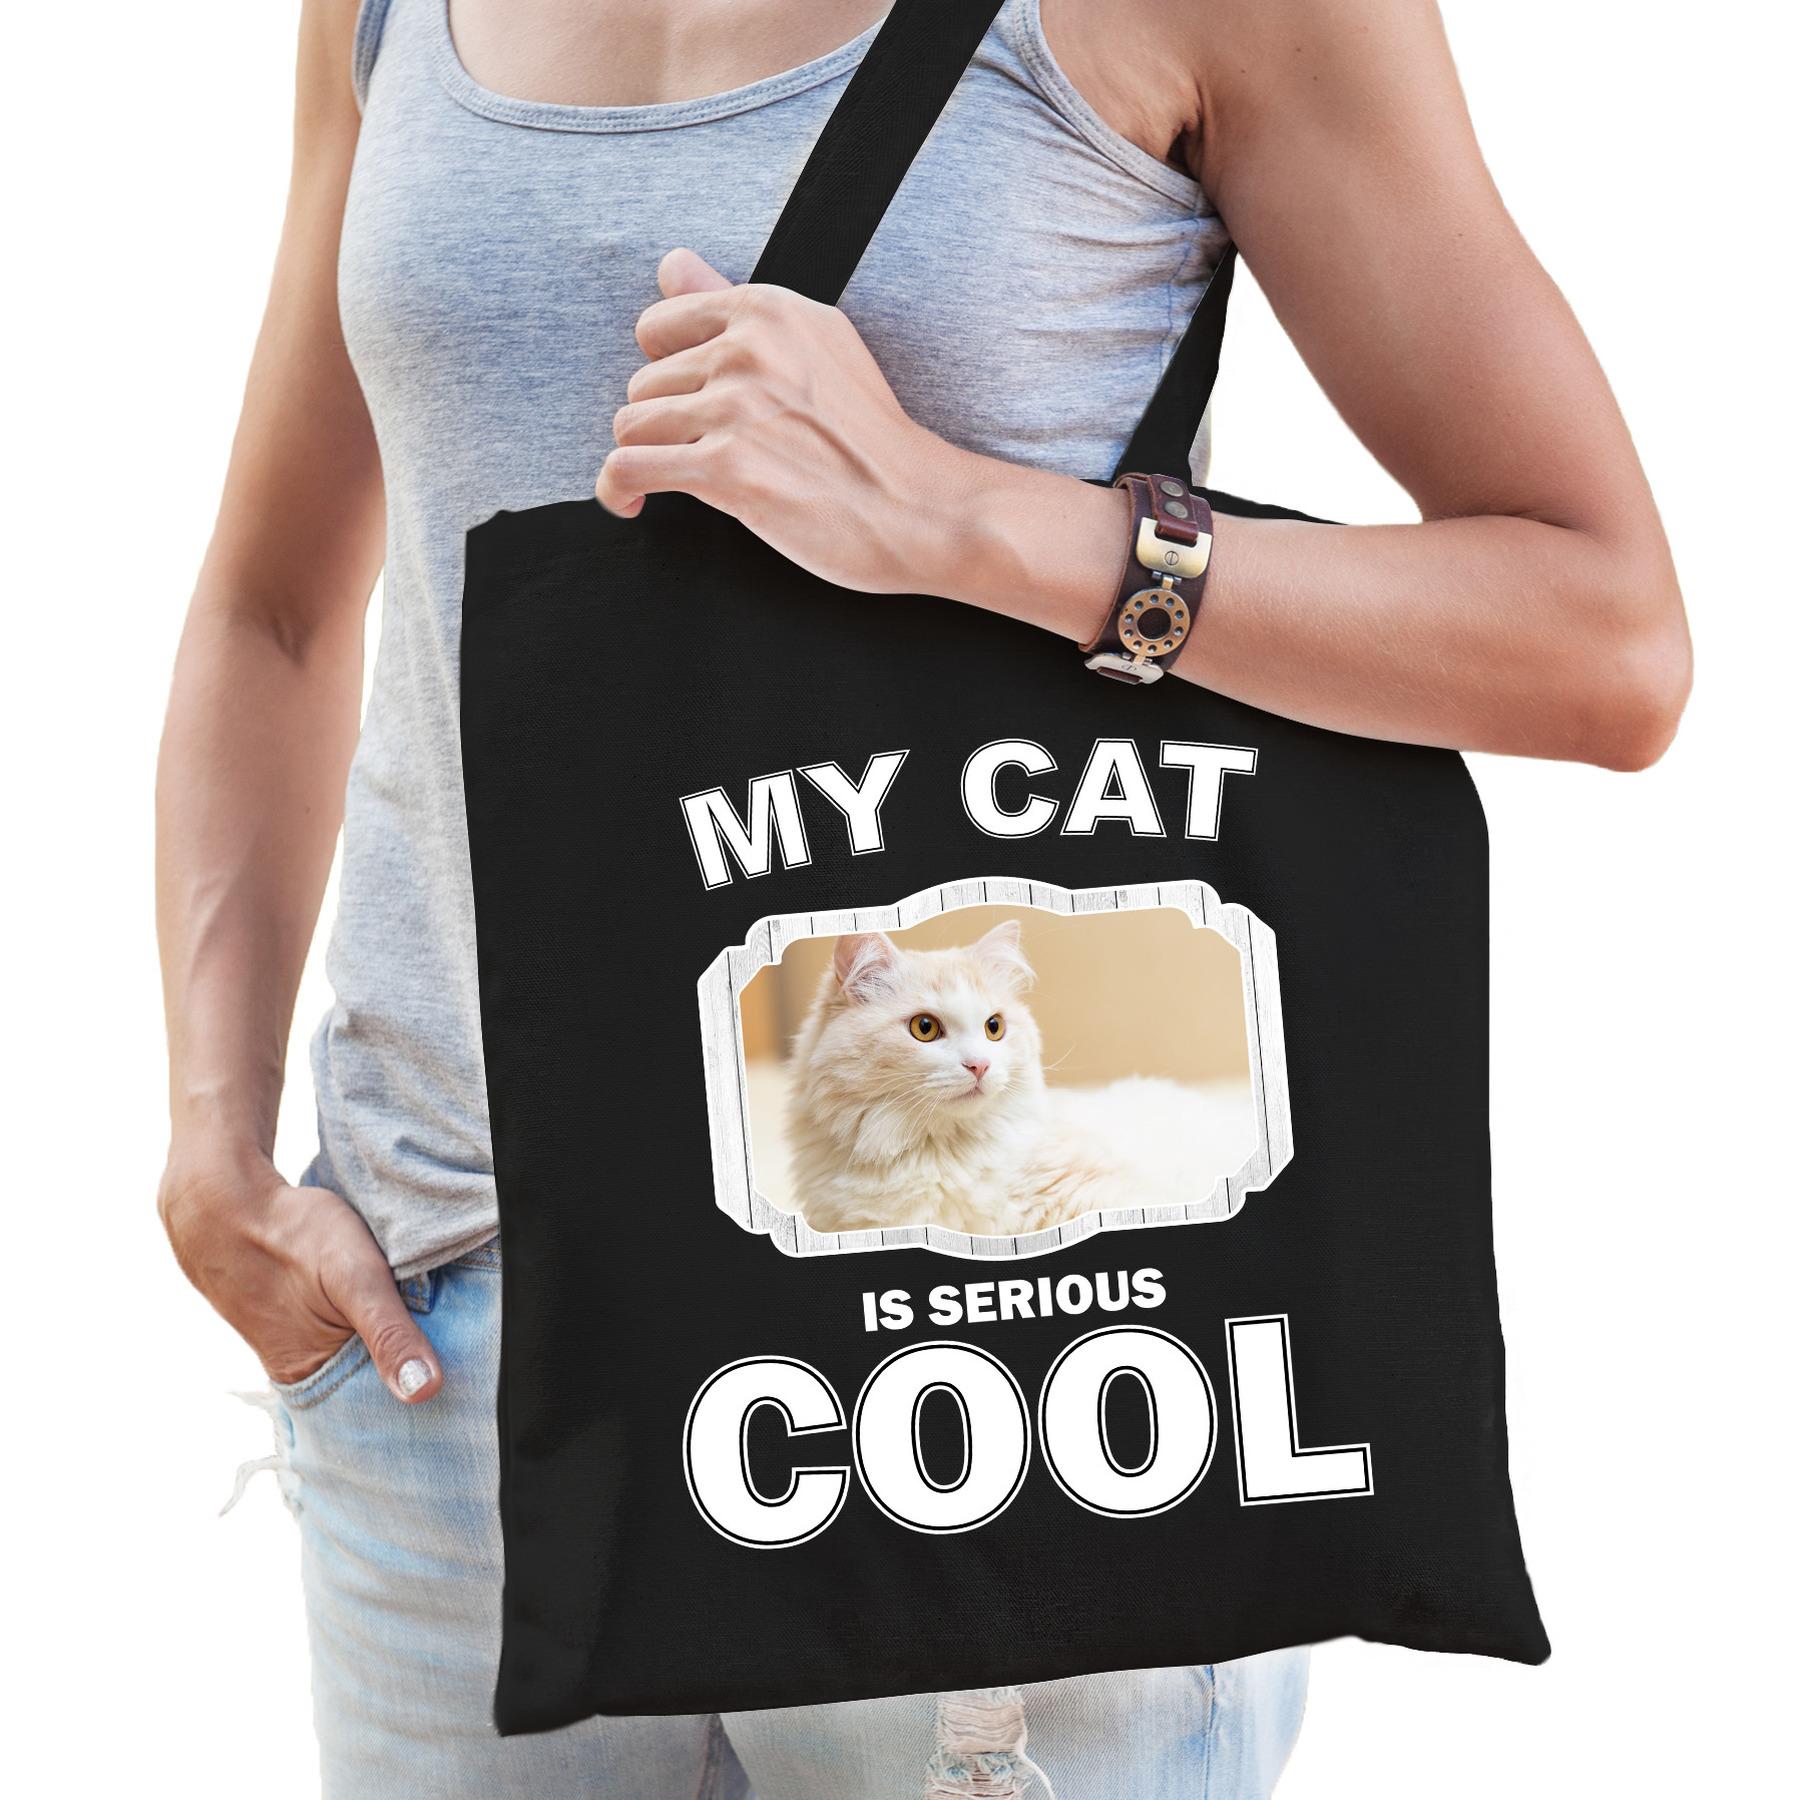 Katoenen tasje my cat is serious cool zwart - Witte katten - katten cadeau tas